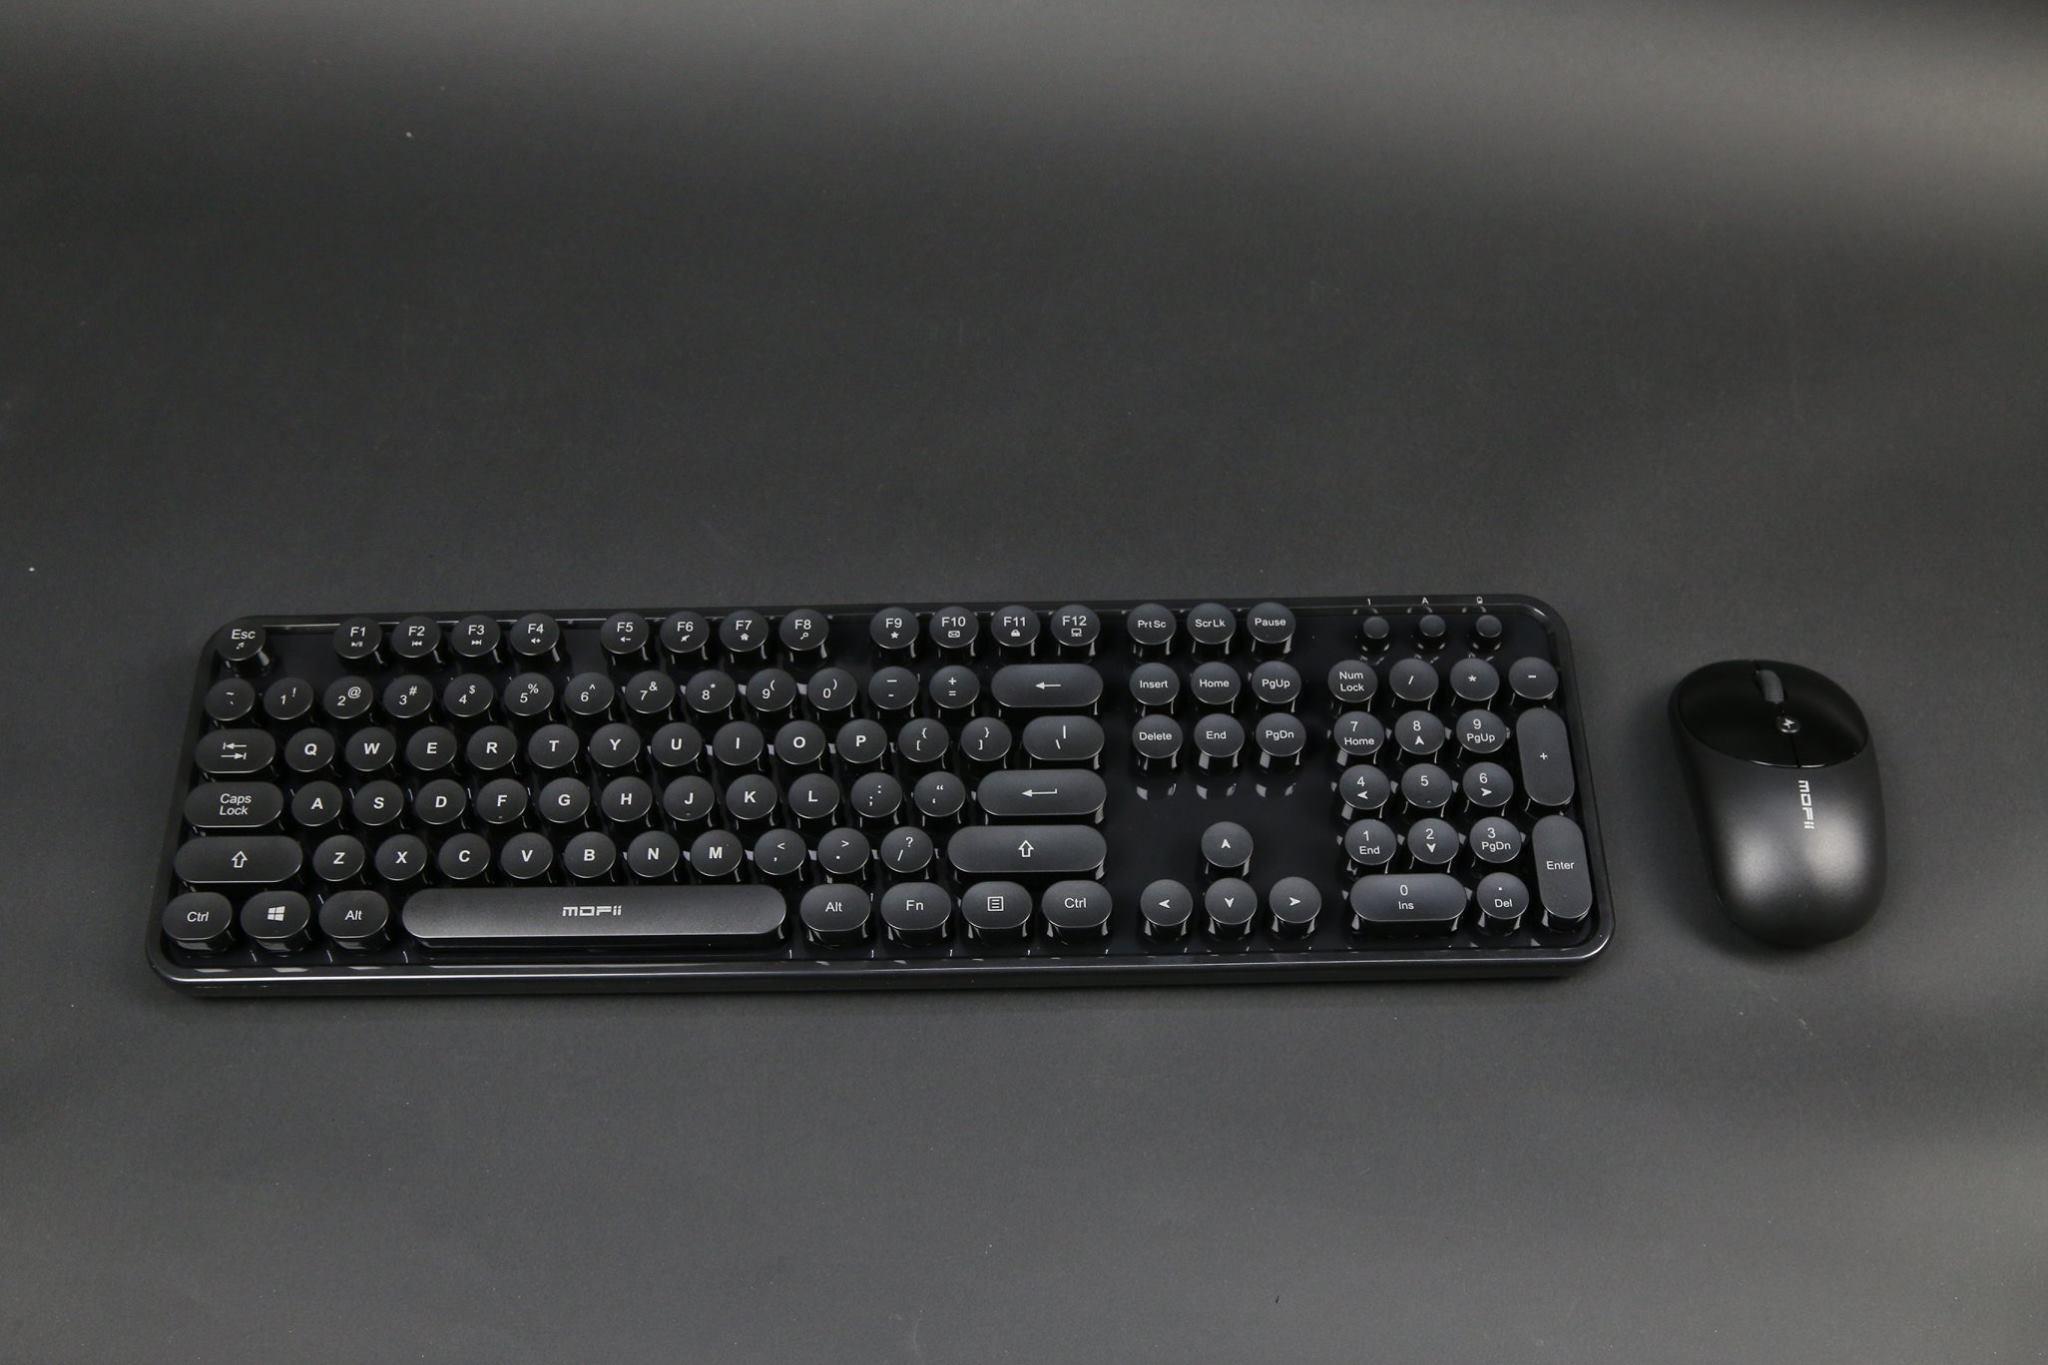 Bộ phím chuột không dây Mofii X300 - Hàng chính hãng